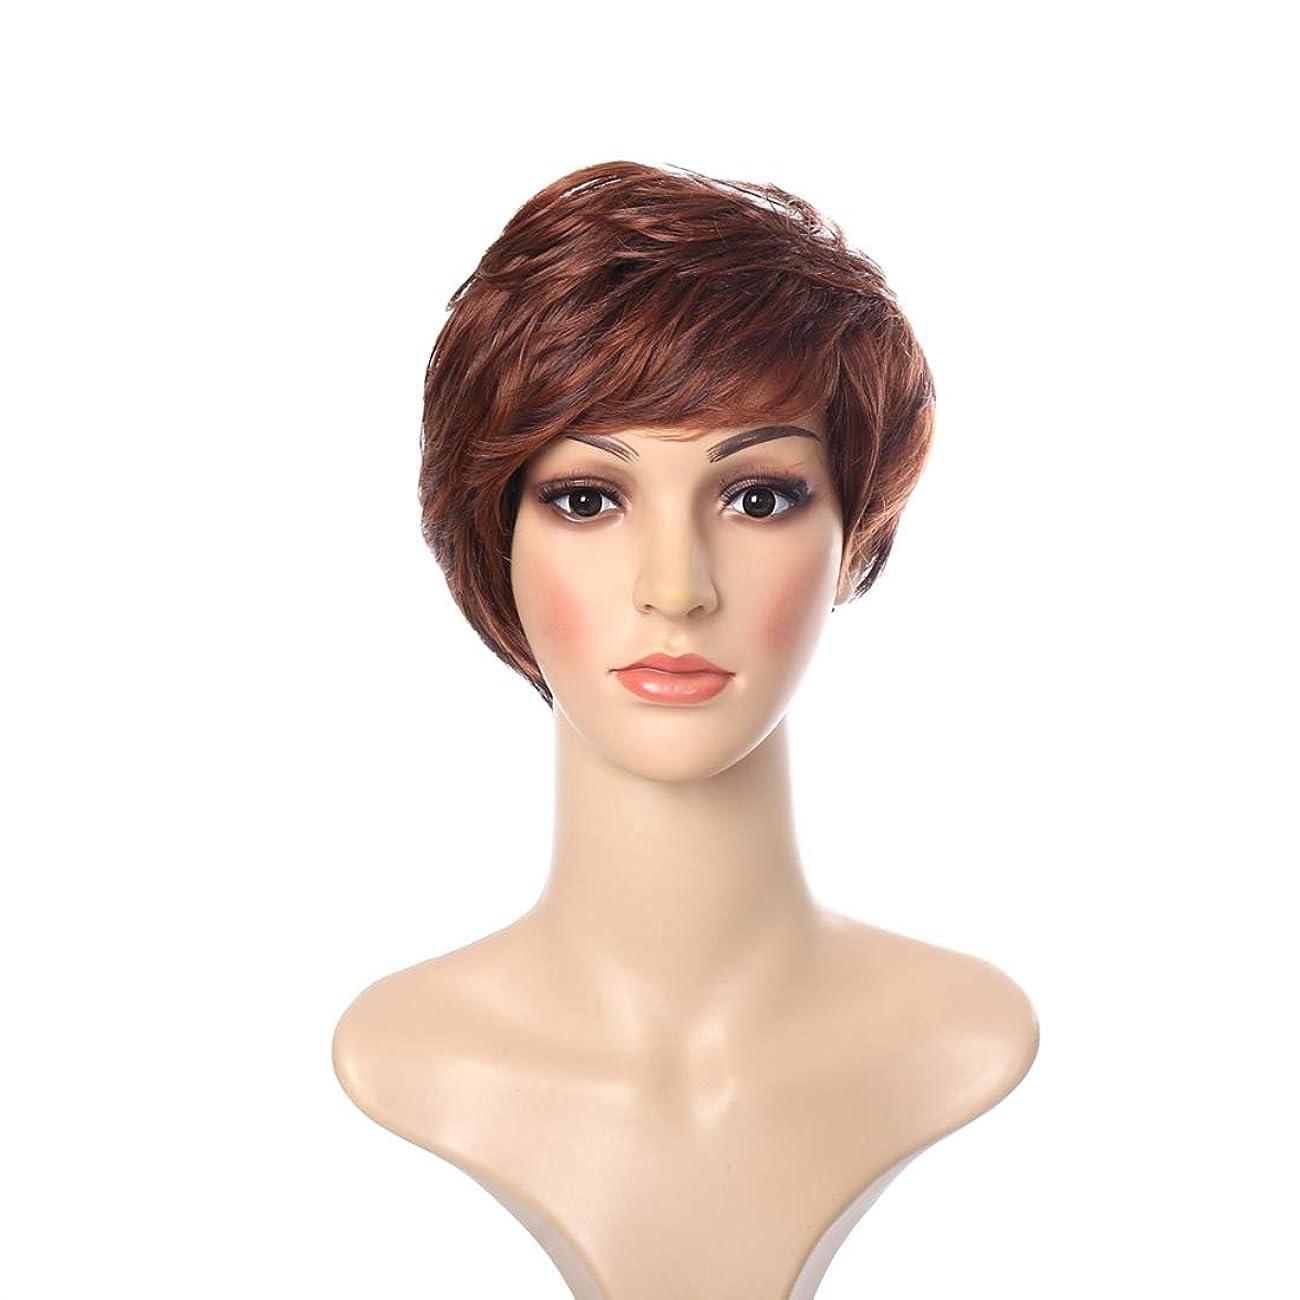 うぬぼれた繰り返し蒸留する女性の短い毛カールウィッグふわふわの偽の帽子は、勾配ヨーロッパとアメリカのヘアスタイル (Color : ブラウン)